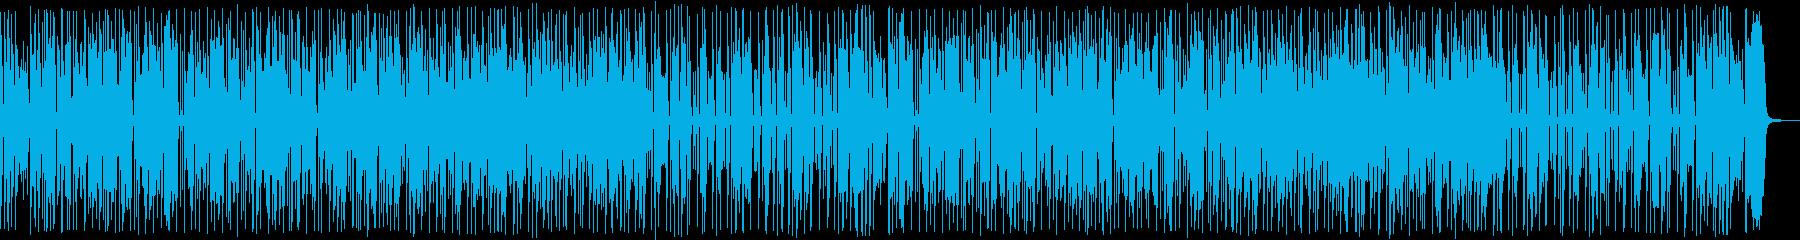 陽気でゴキゲンな80年代風ソウルファンクの再生済みの波形